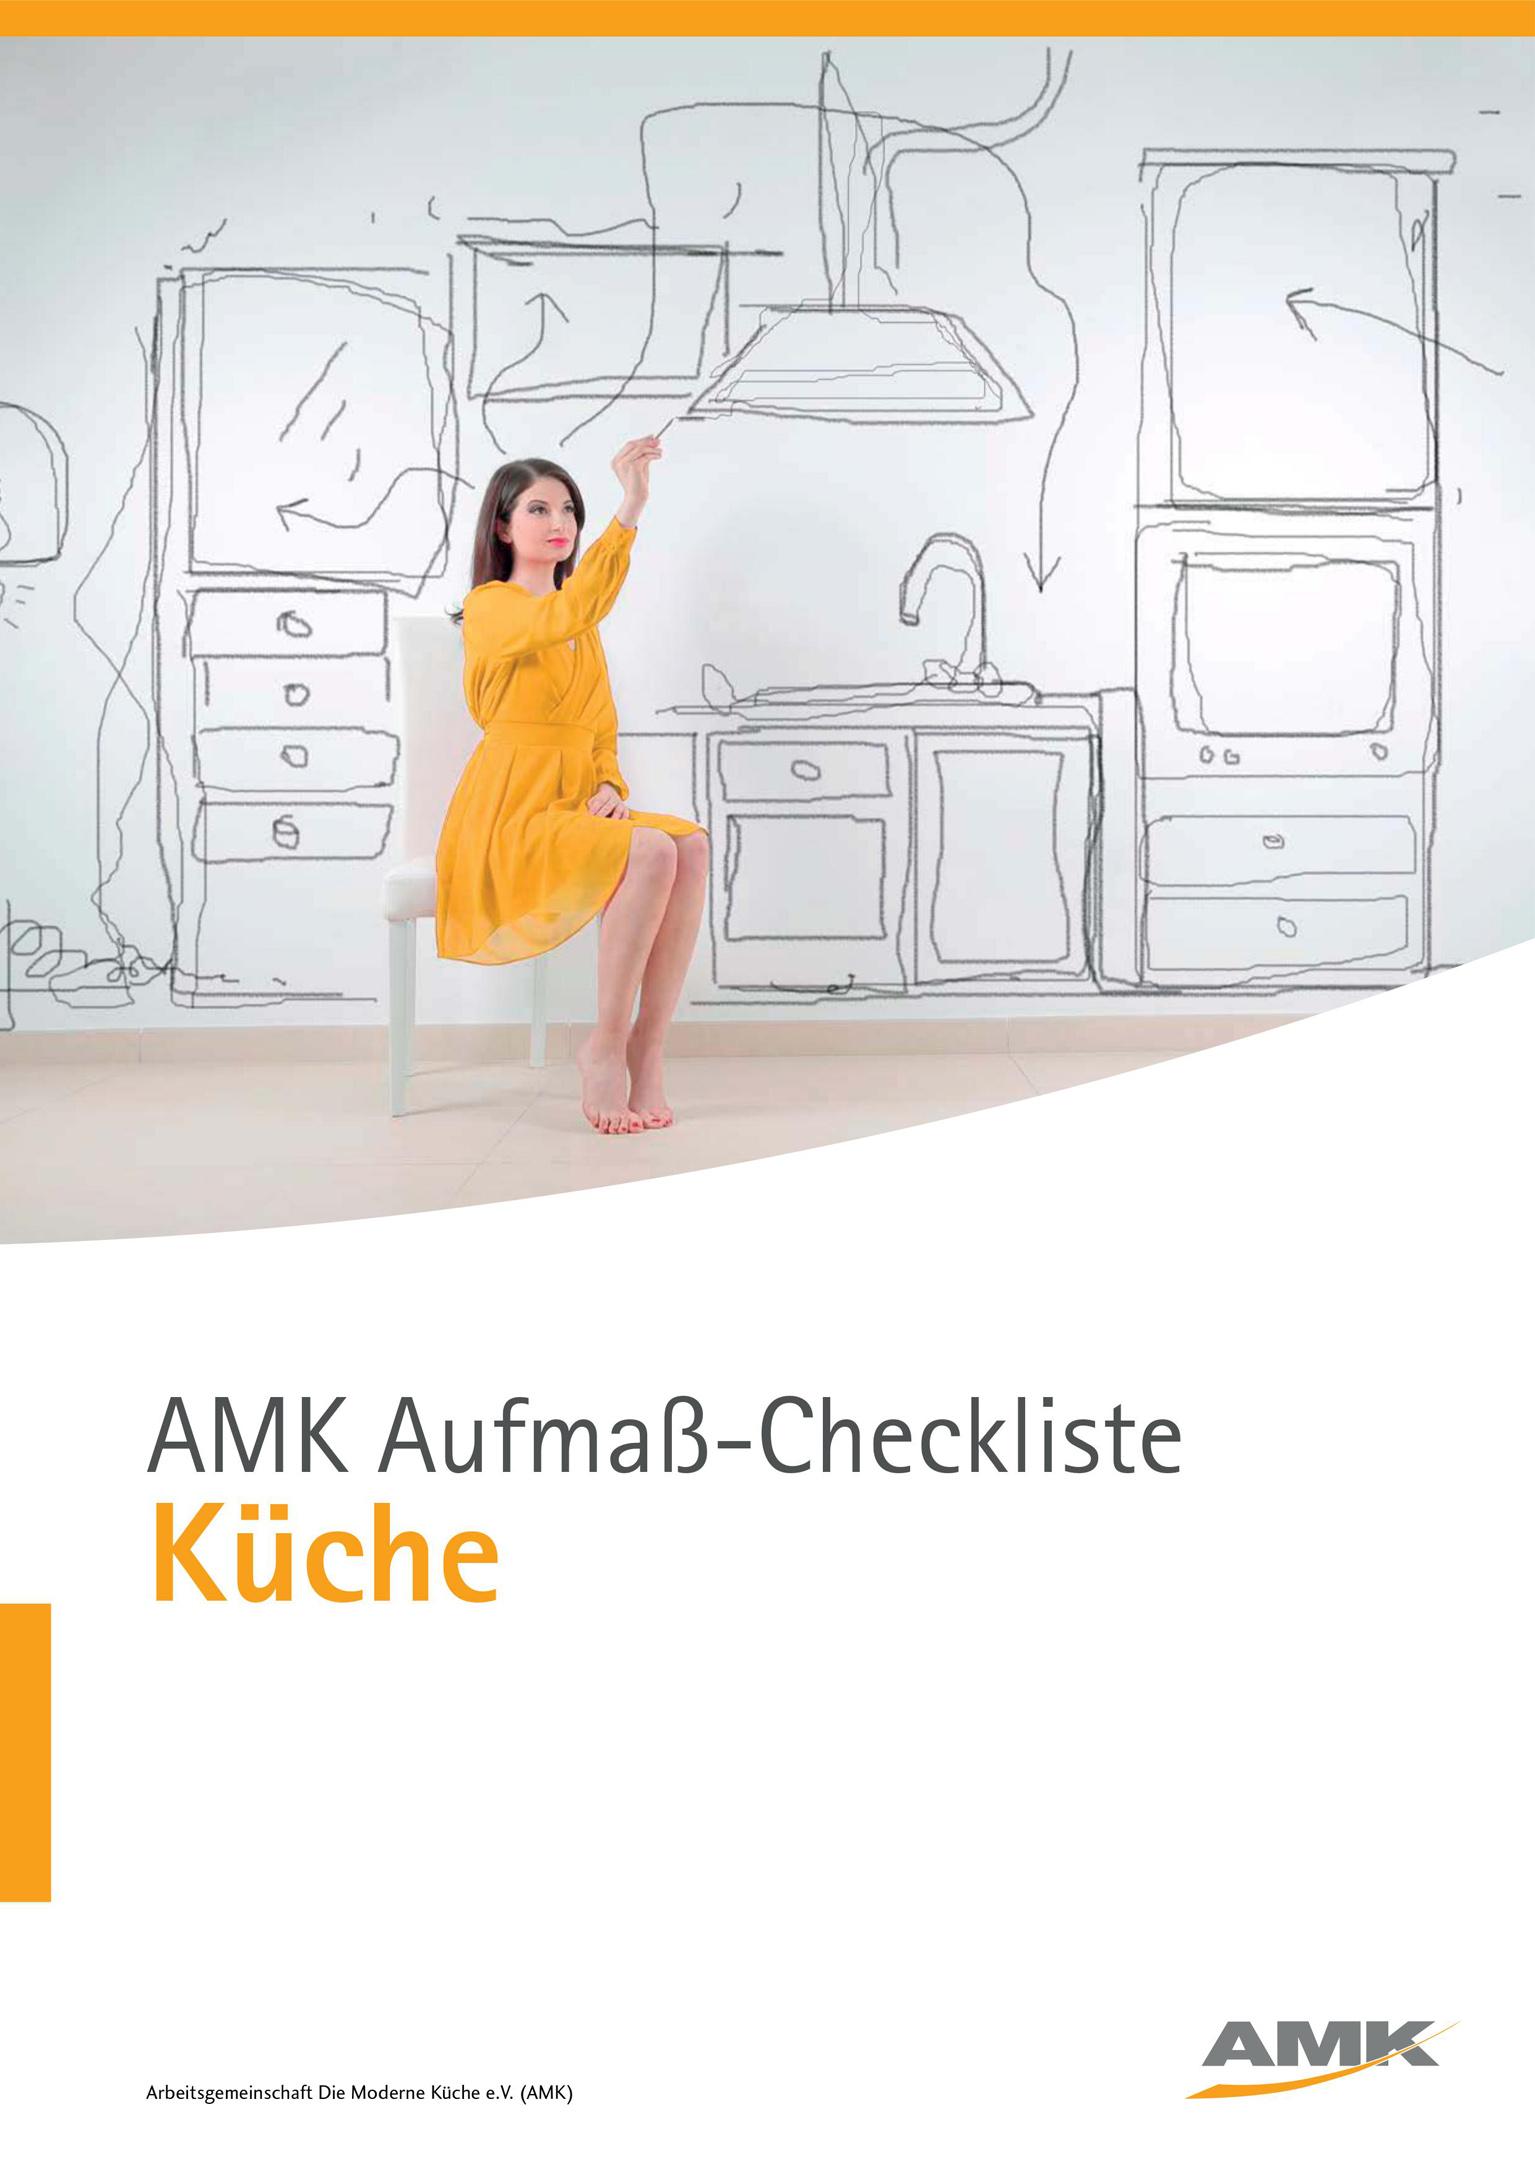 AMK-PM-2019-Rechtzeitige-Detailplanung-bei-neuer-Kueche-ein-Muss2